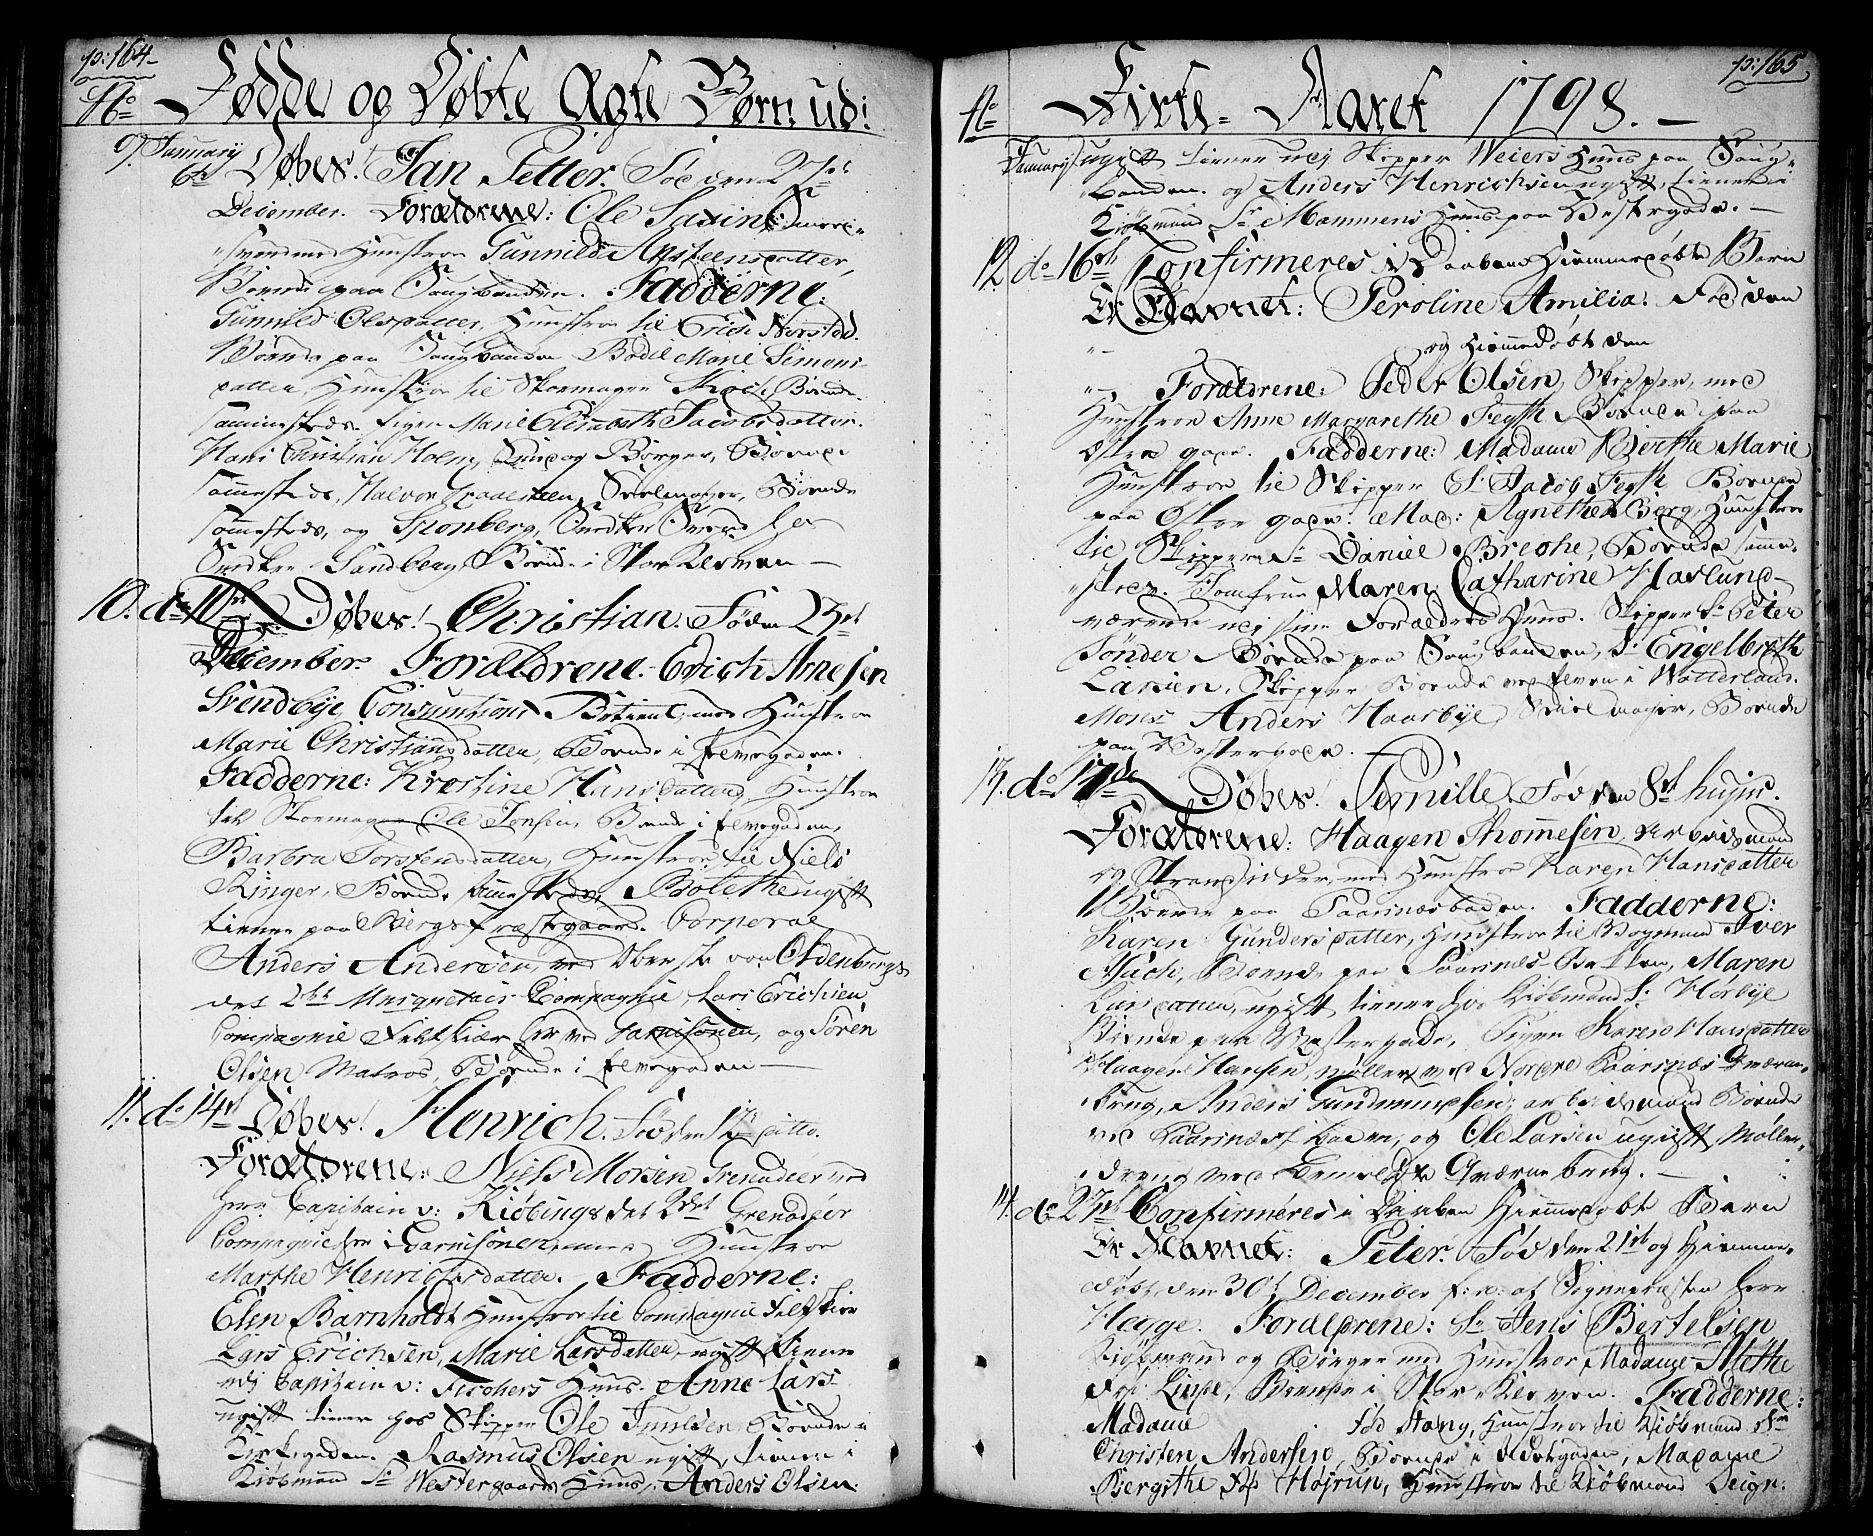 SAO, Halden prestekontor Kirkebøker, F/Fa/L0002: Ministerialbok nr. I 2, 1792-1812, s. 164-165